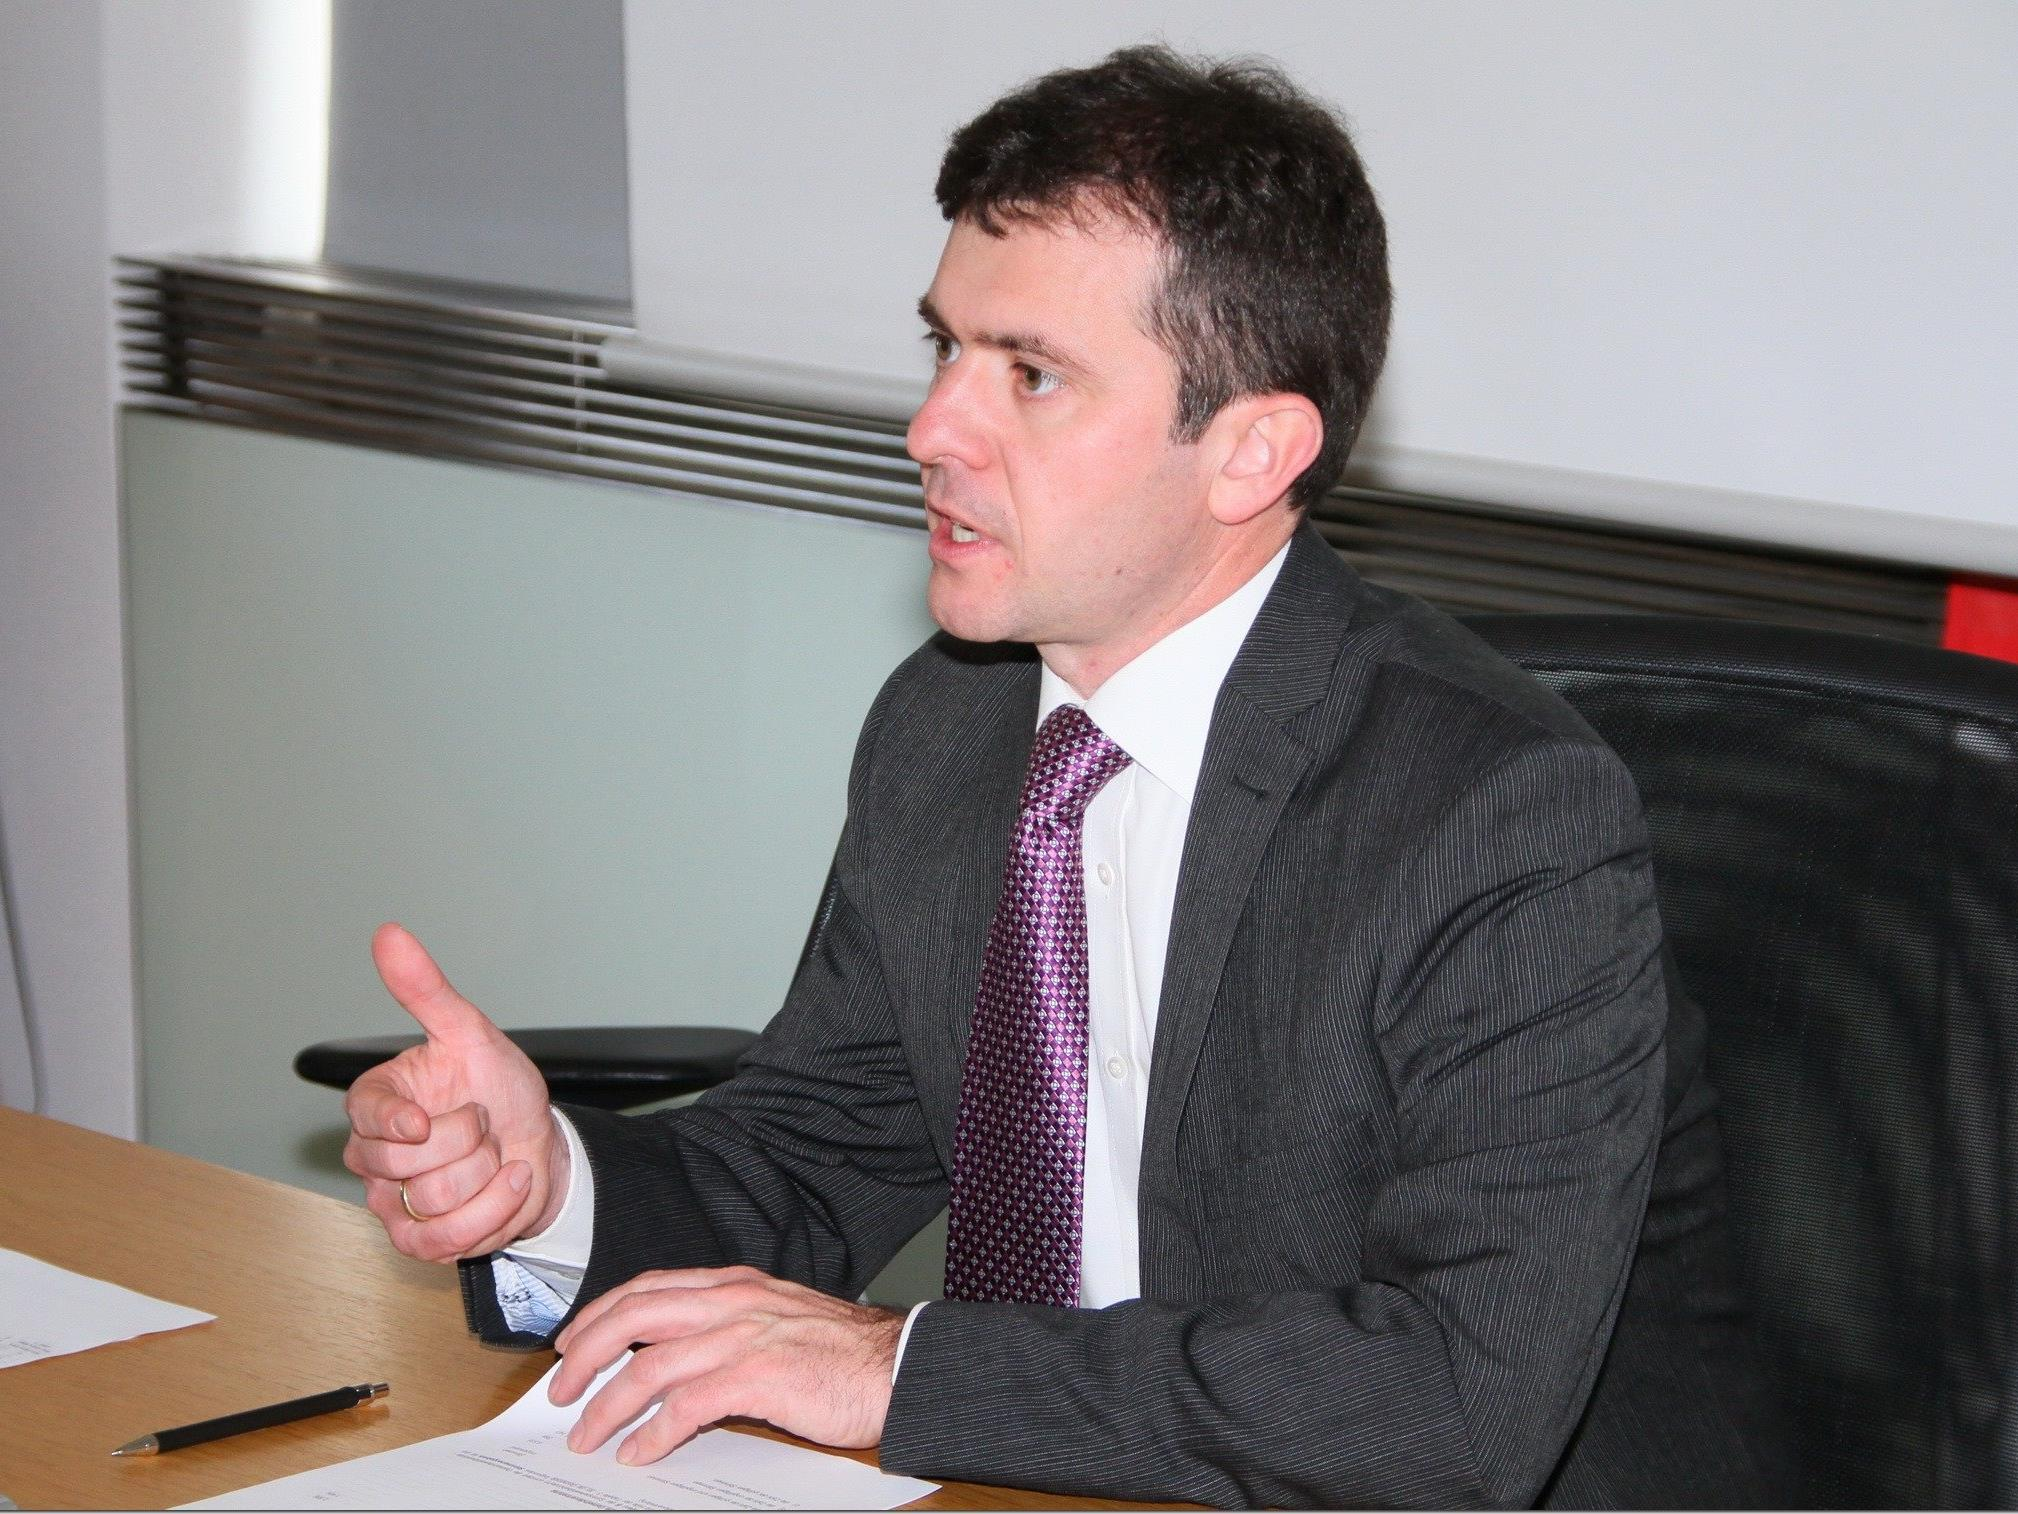 Fast neun Jahre ist Martin Summer schon Bürgermeister von Rankweil und hat viel Positives umgesetzt